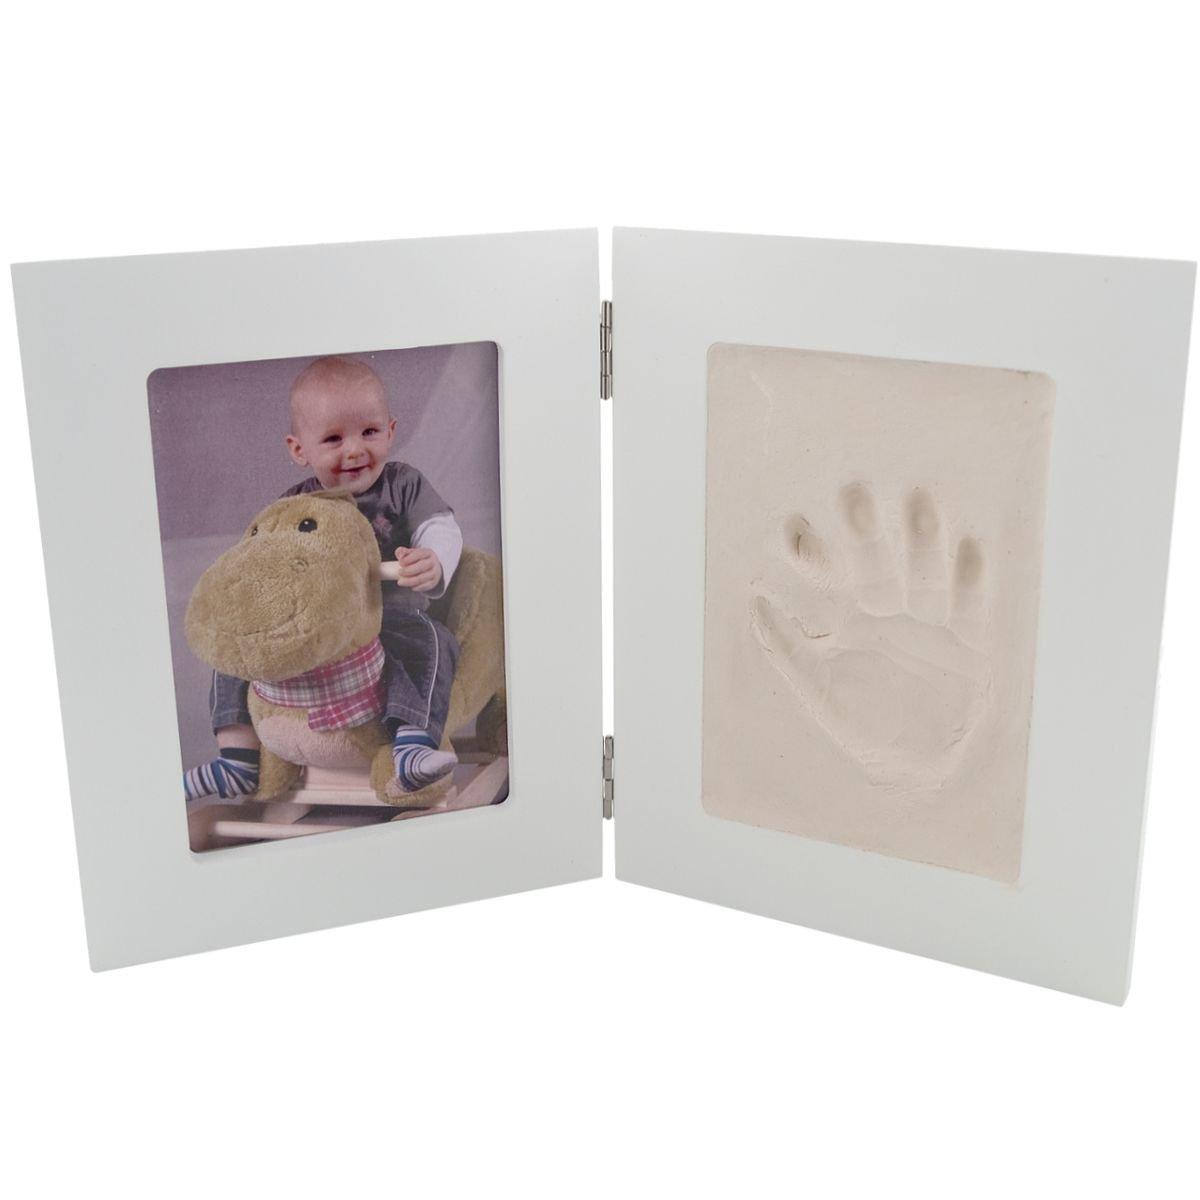 Bilderrahmen mit Abdruckset/Baby Abdrücke (2-Fach stehend): Amazon ...